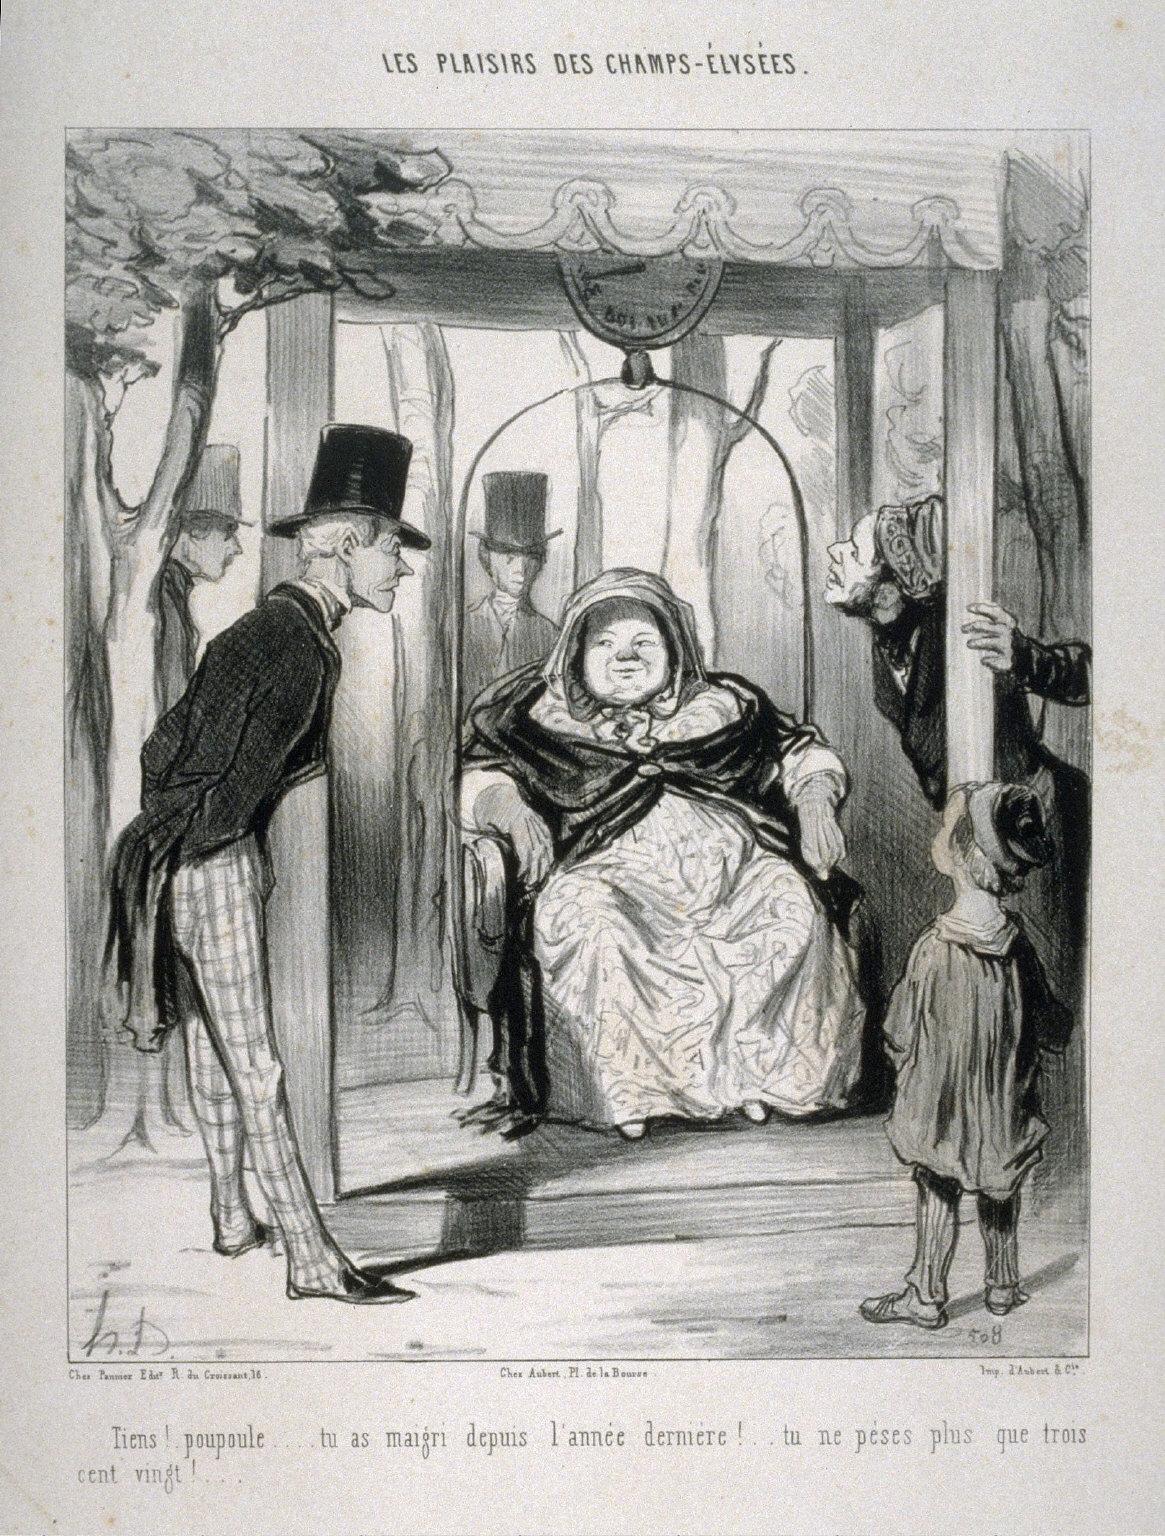 Tiens!. poupoule....tu as maigri depuis lannée dernière!.. tu ne pèses plus que / trois cent vingt!..., from the series LES PLAISIRS DES CHAMPS-ÉLYSÉES, published in Le Charivari 20 August 1843